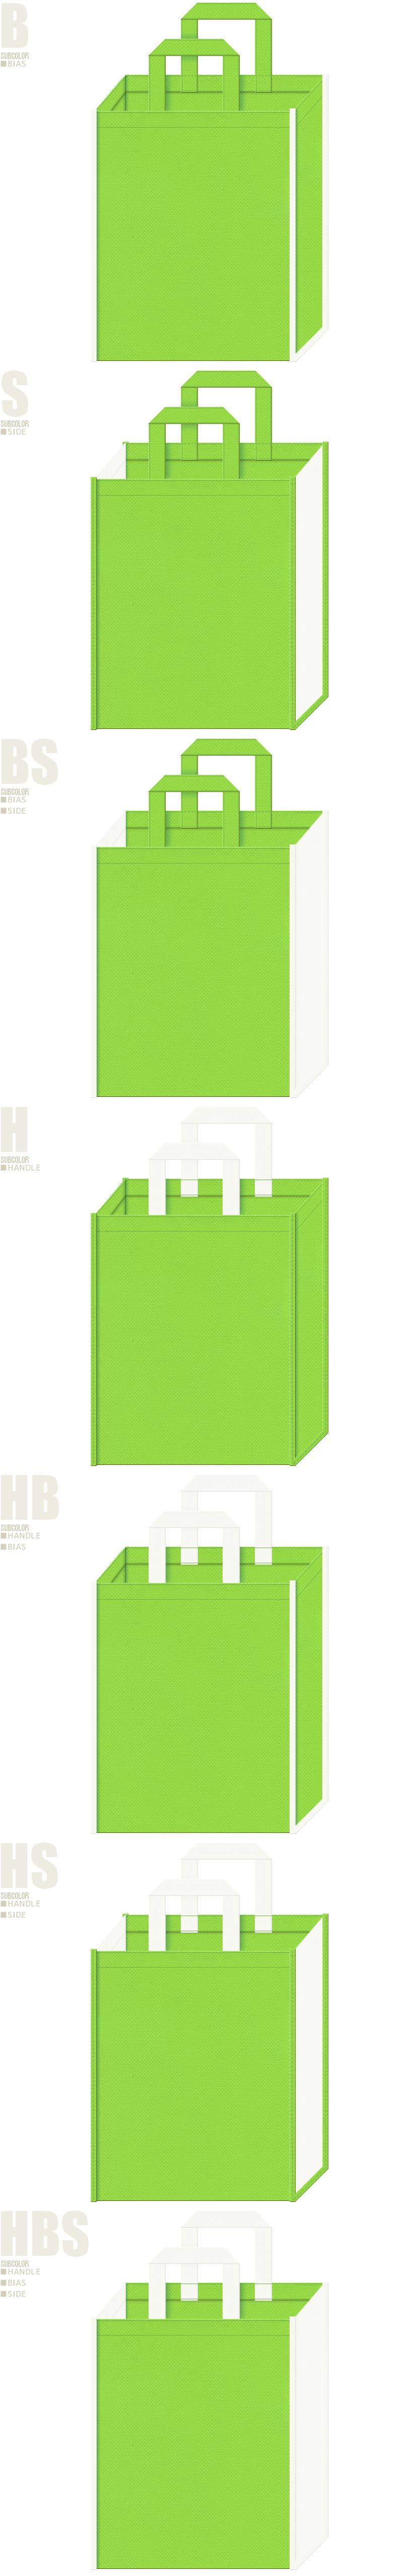 キャベツ・ナチュラル・健康器具・健康食品の展示会用バッグにお奨めの不織布バッグデザイン:黄緑色とオフホワイト色の不織布バッグ配色7パターン。